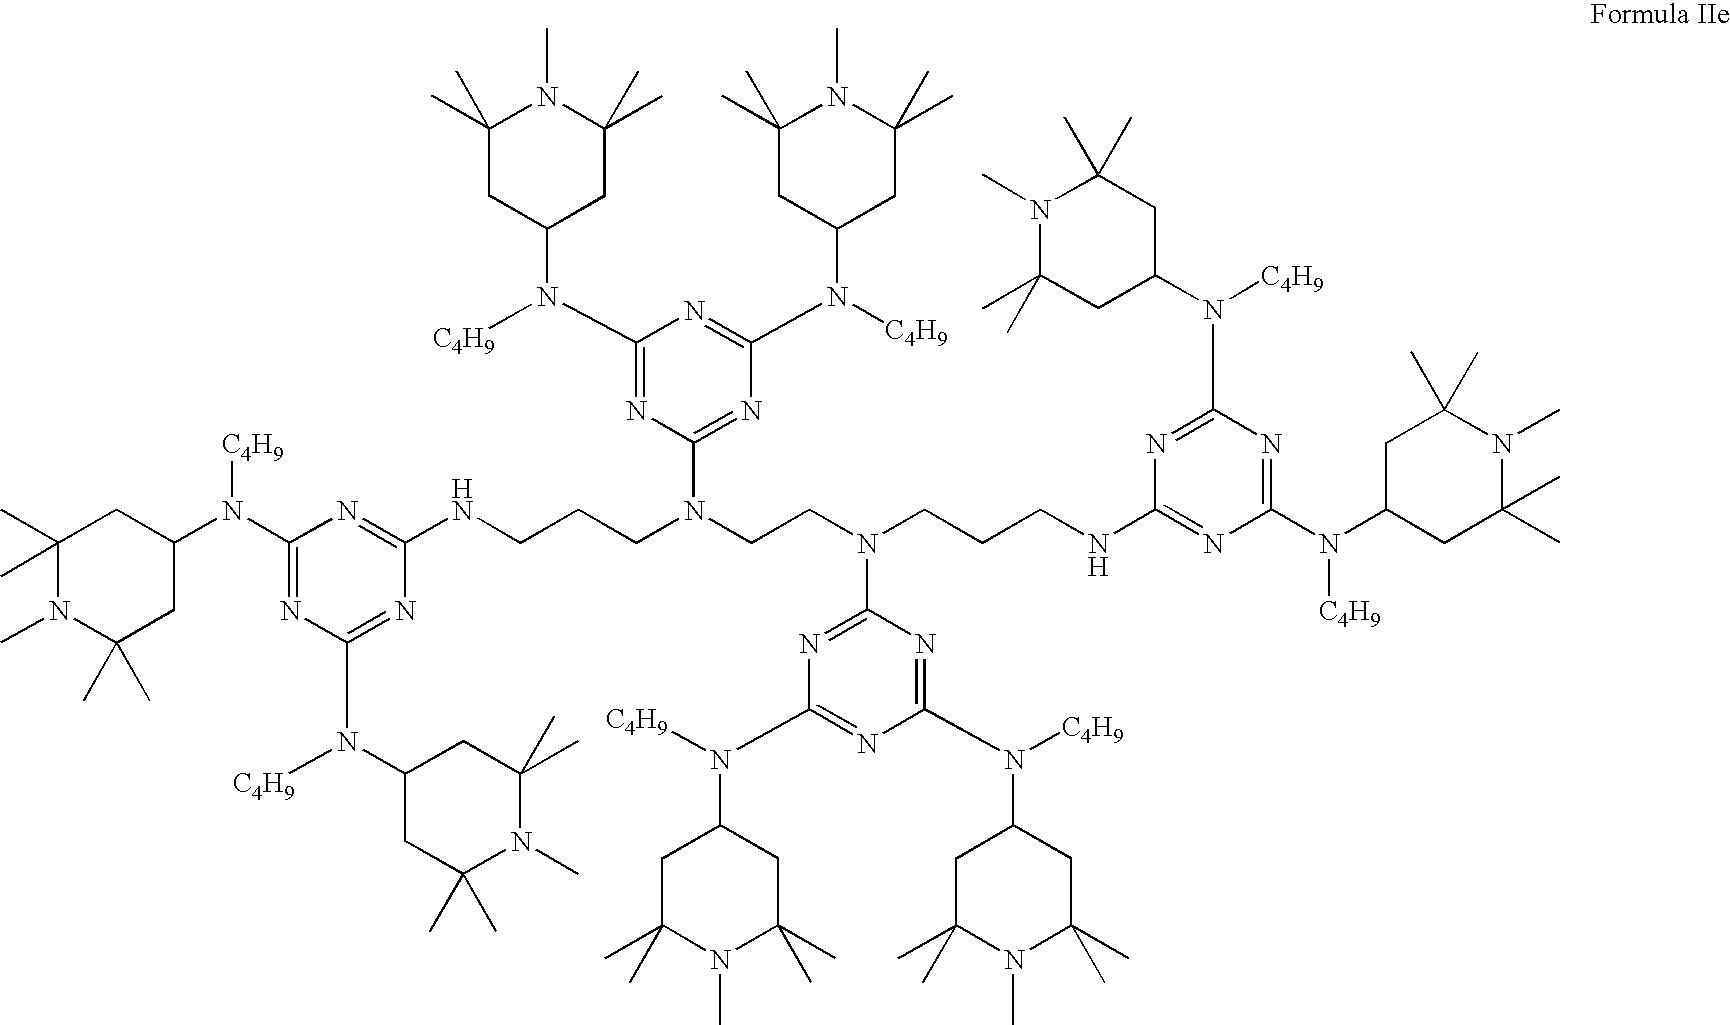 Figure US20060234061A1-20061019-C00012